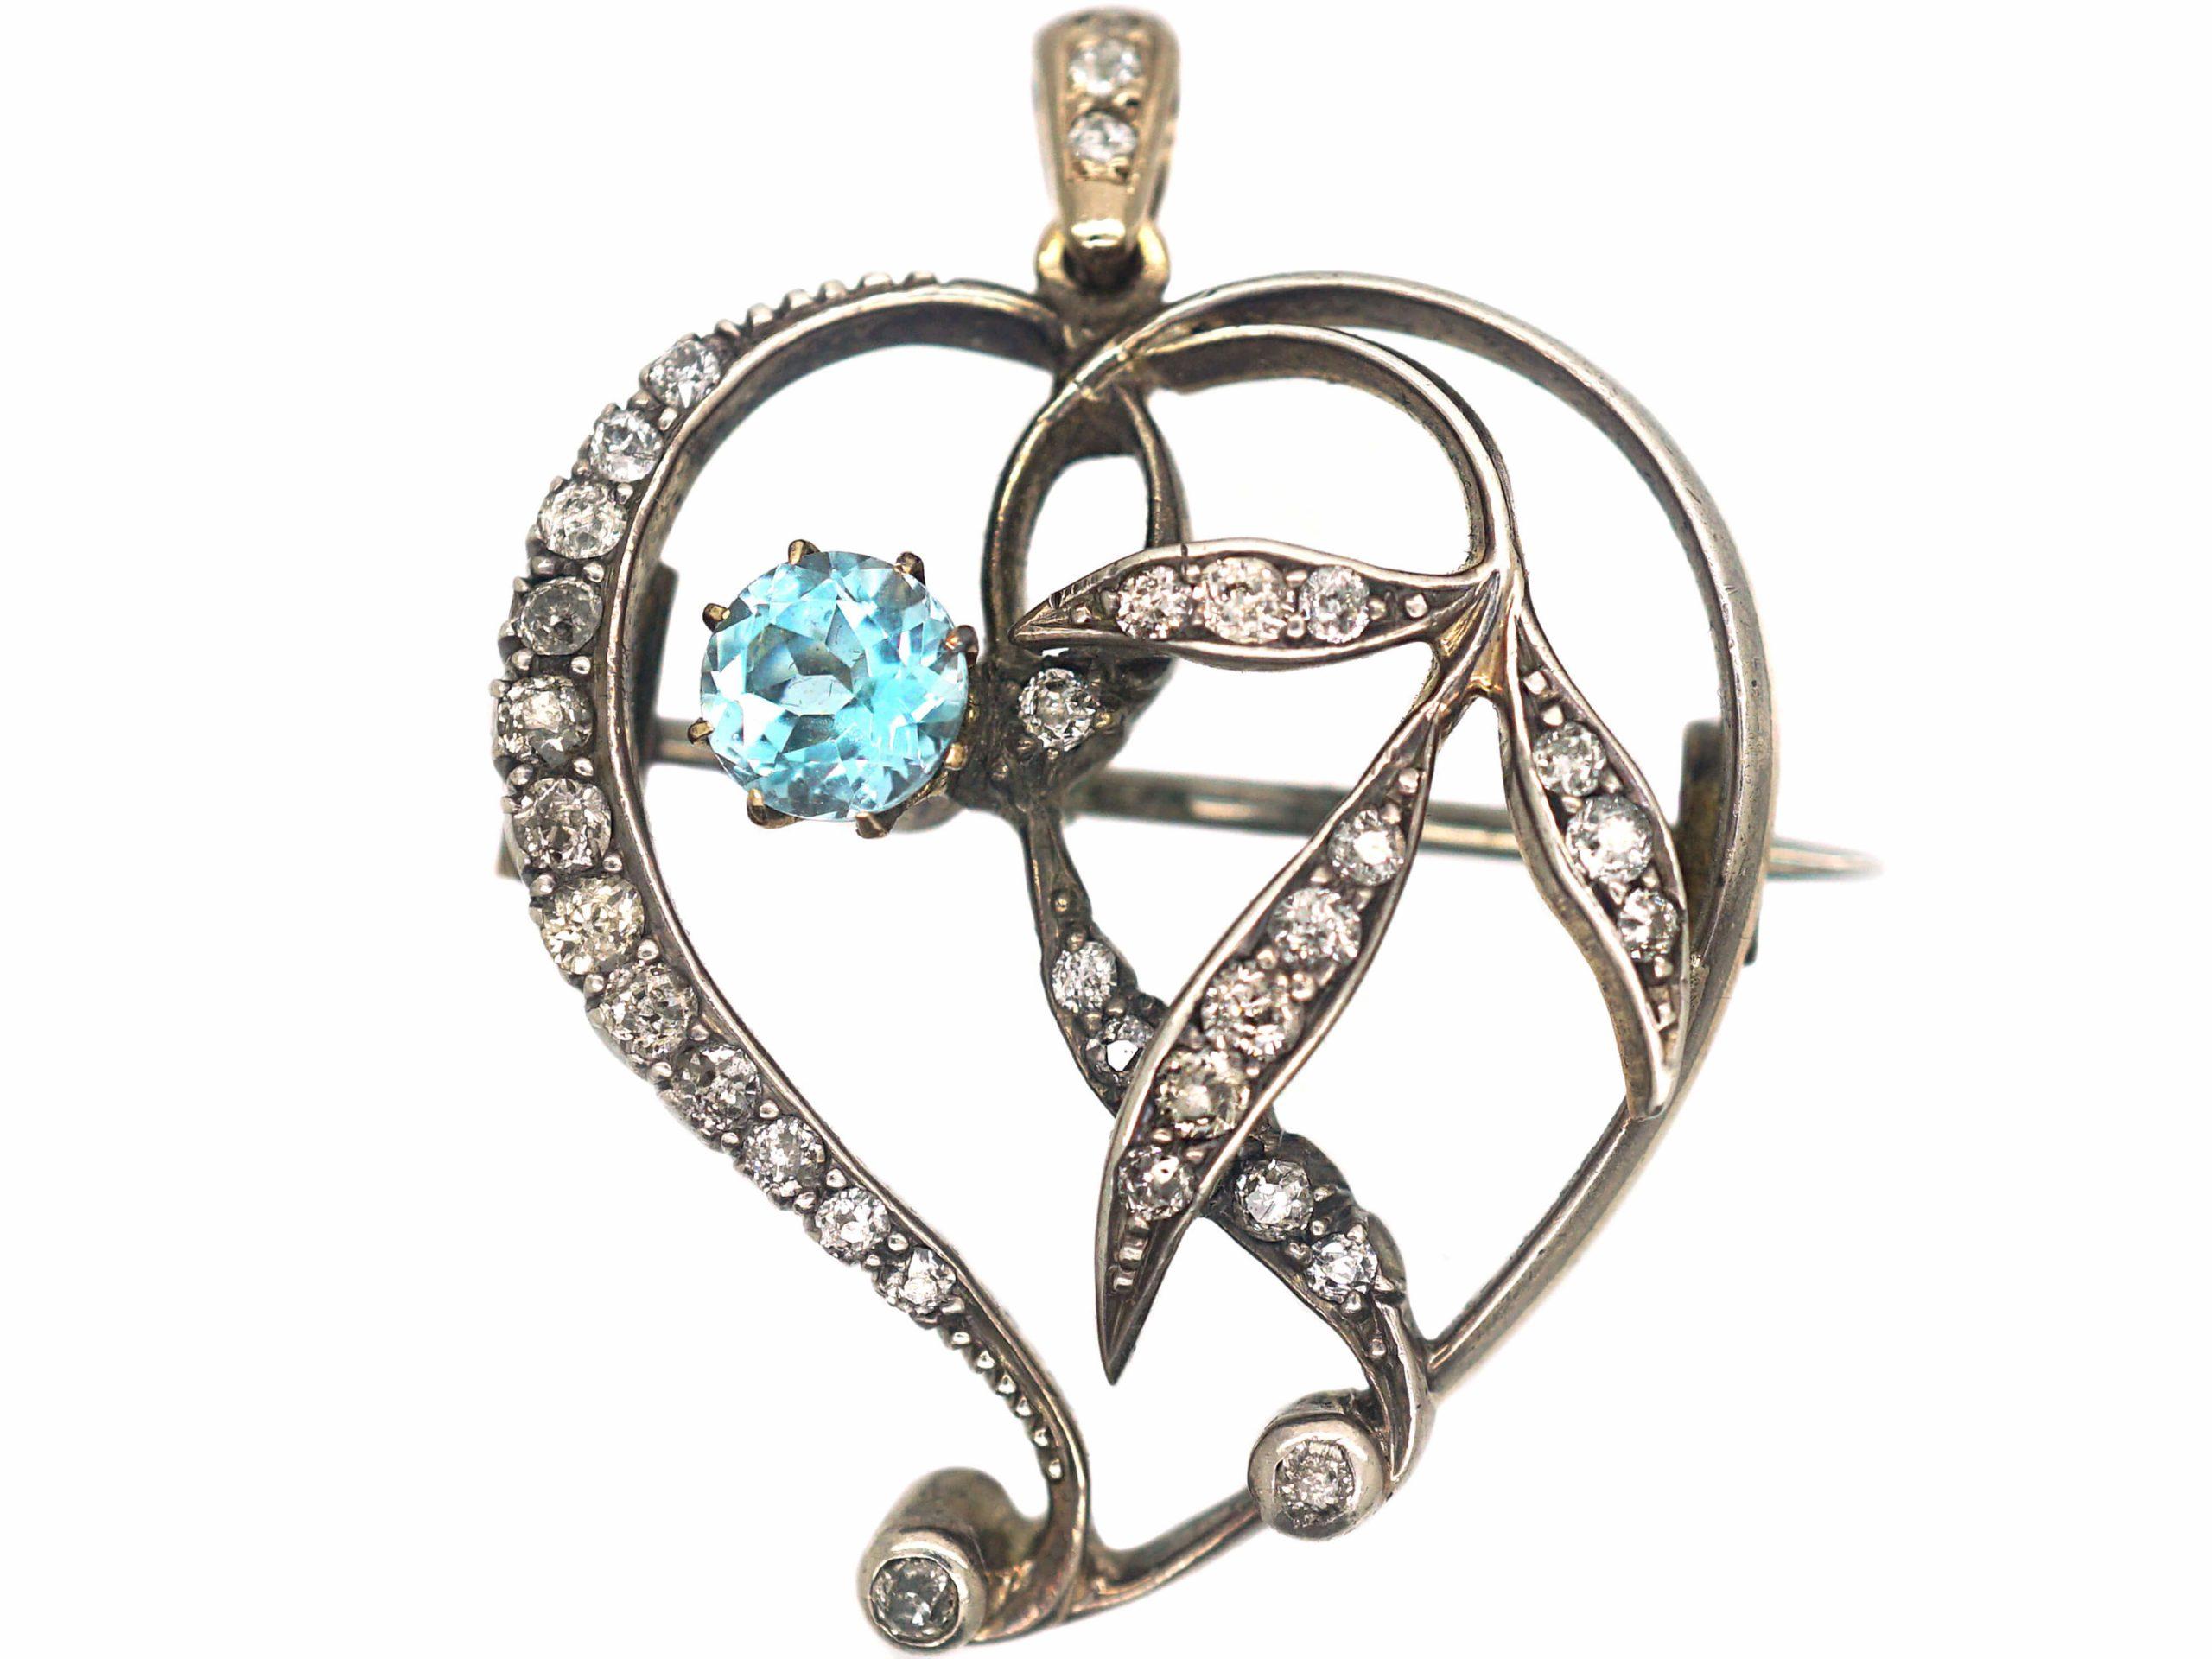 Art Nouveau Witch's Heart Pendant set with an Aquamarine & Diamonds